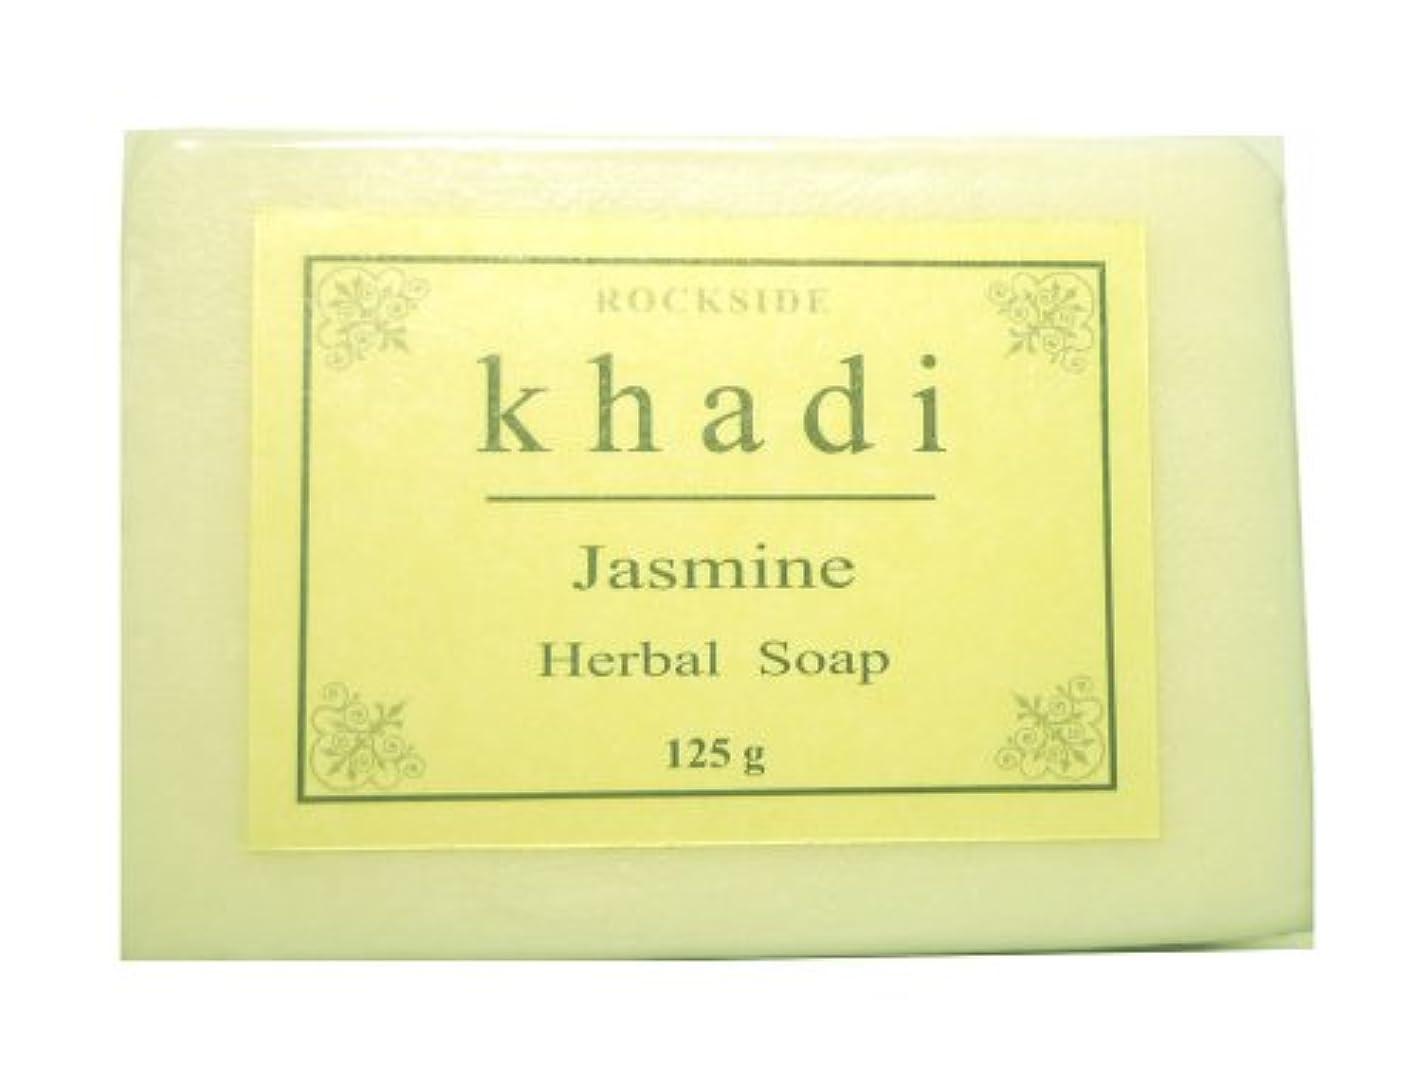 仲人勇敢な聖人手作り  カーディ ジャスミン ソープ Khadi Jasmine Soap